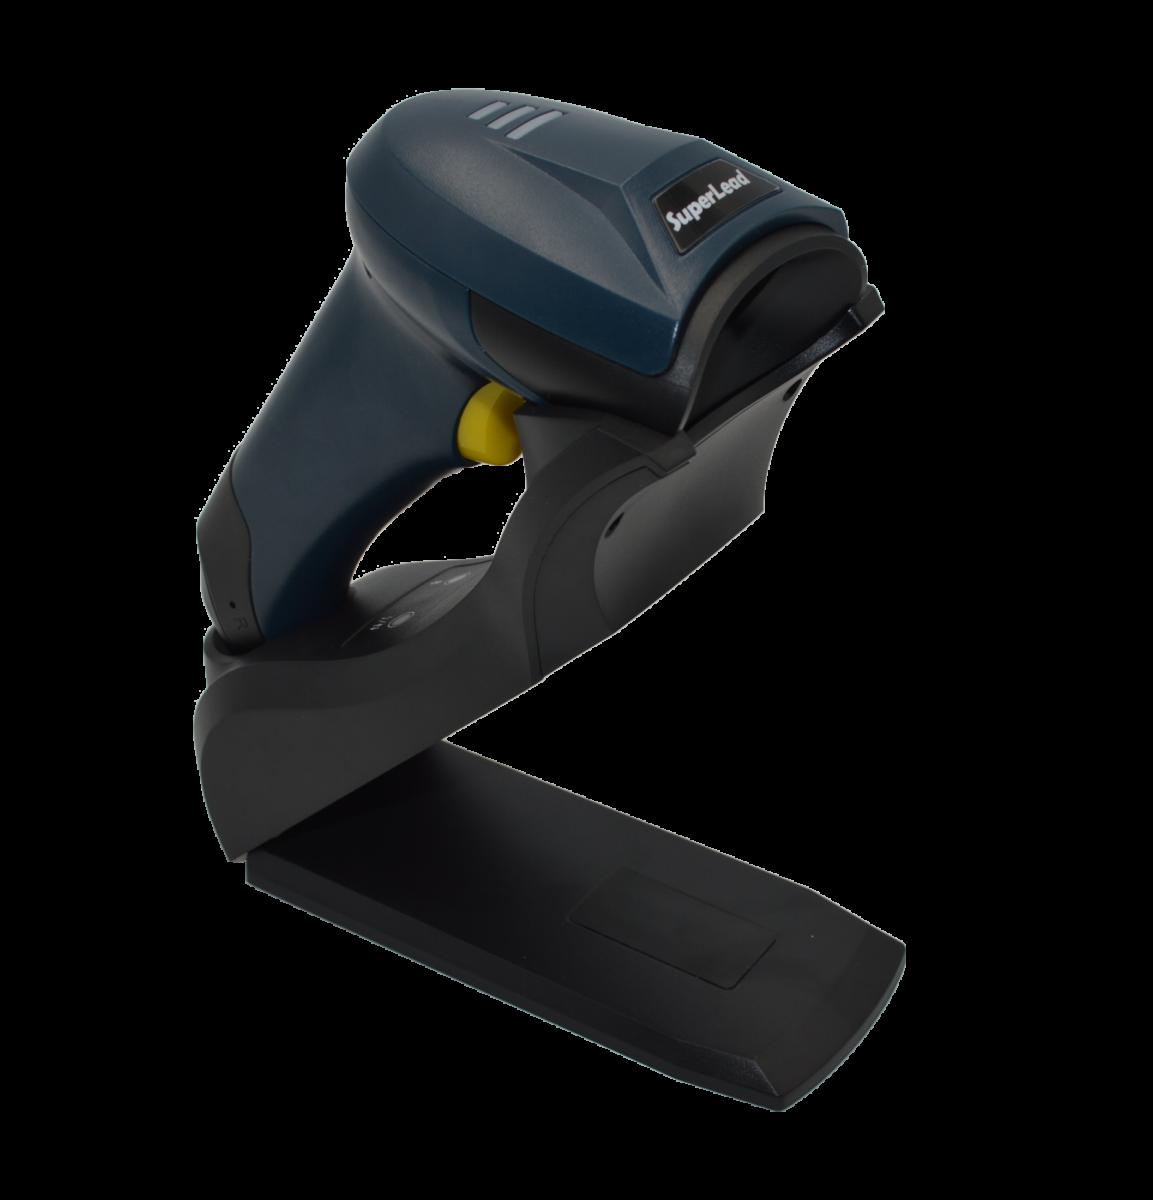 Беcпроводный сканер штрихкода SuperLead 2600 BT